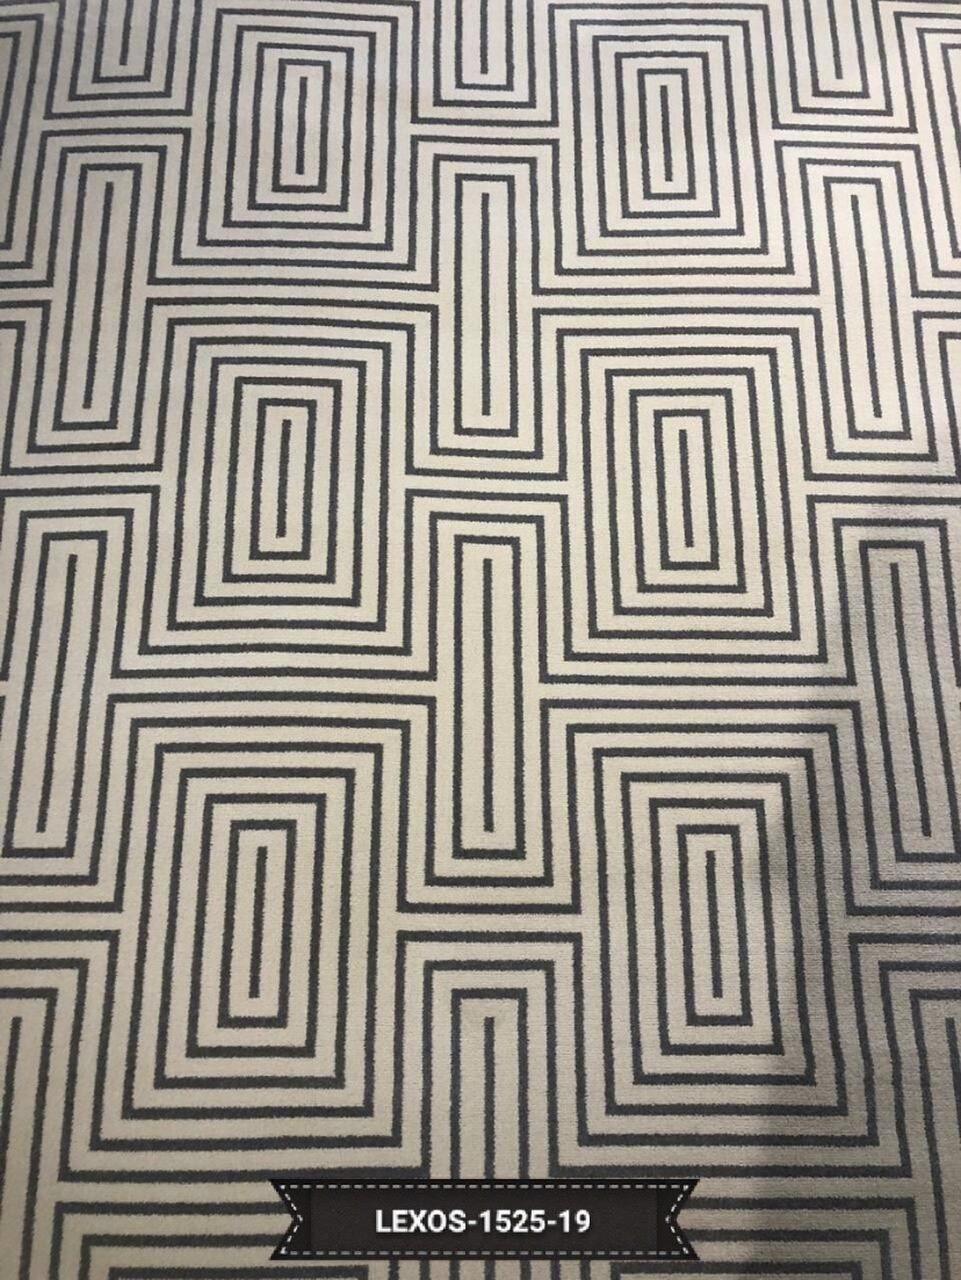 Tapete Lexos ref. 1525-19 - 200 x 300 cm